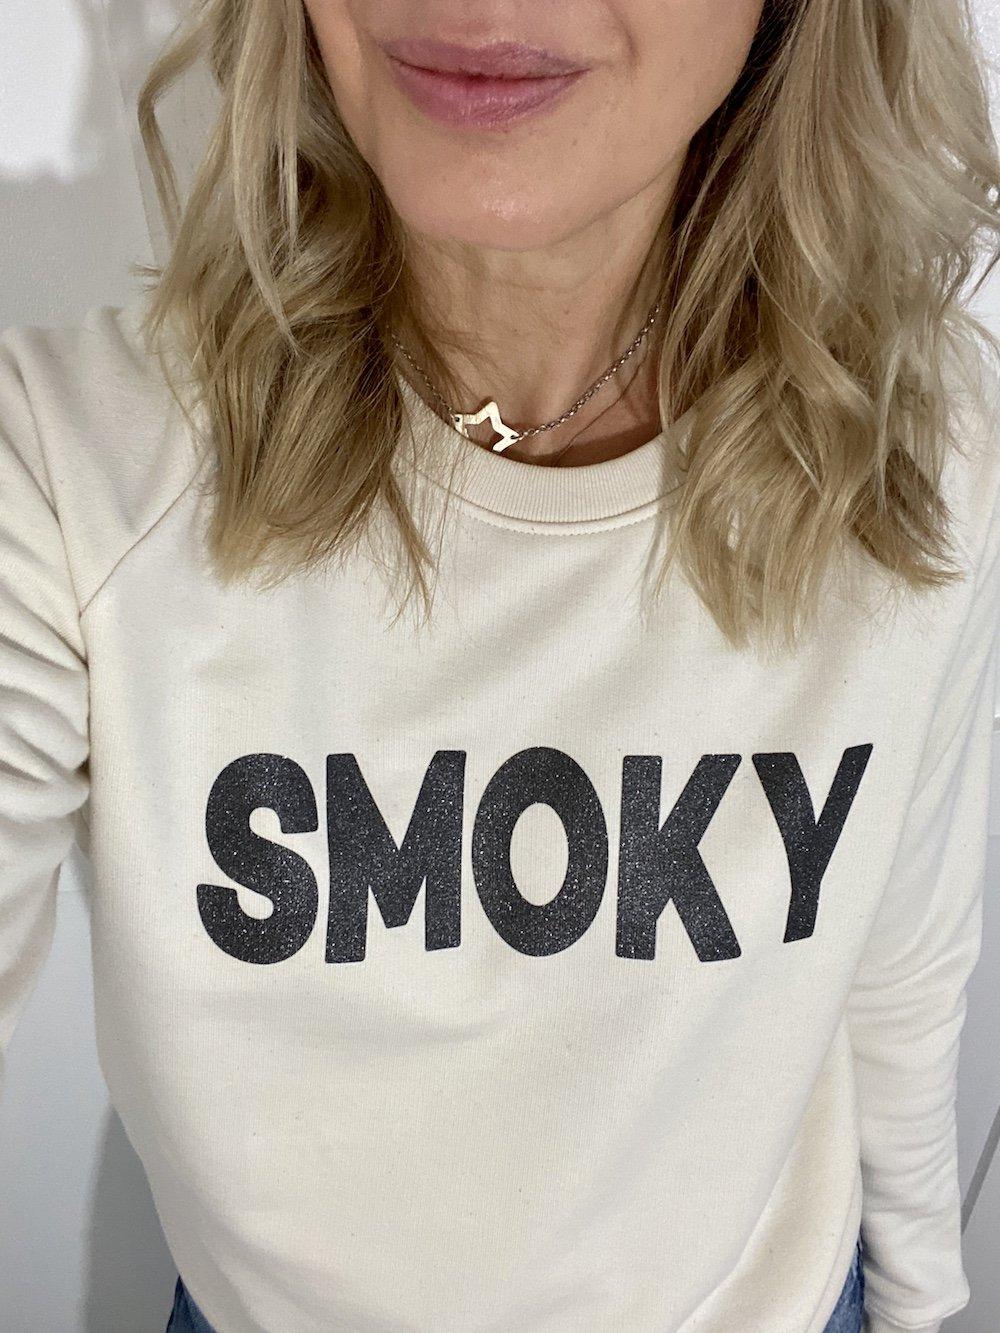 smoky sweatshirt